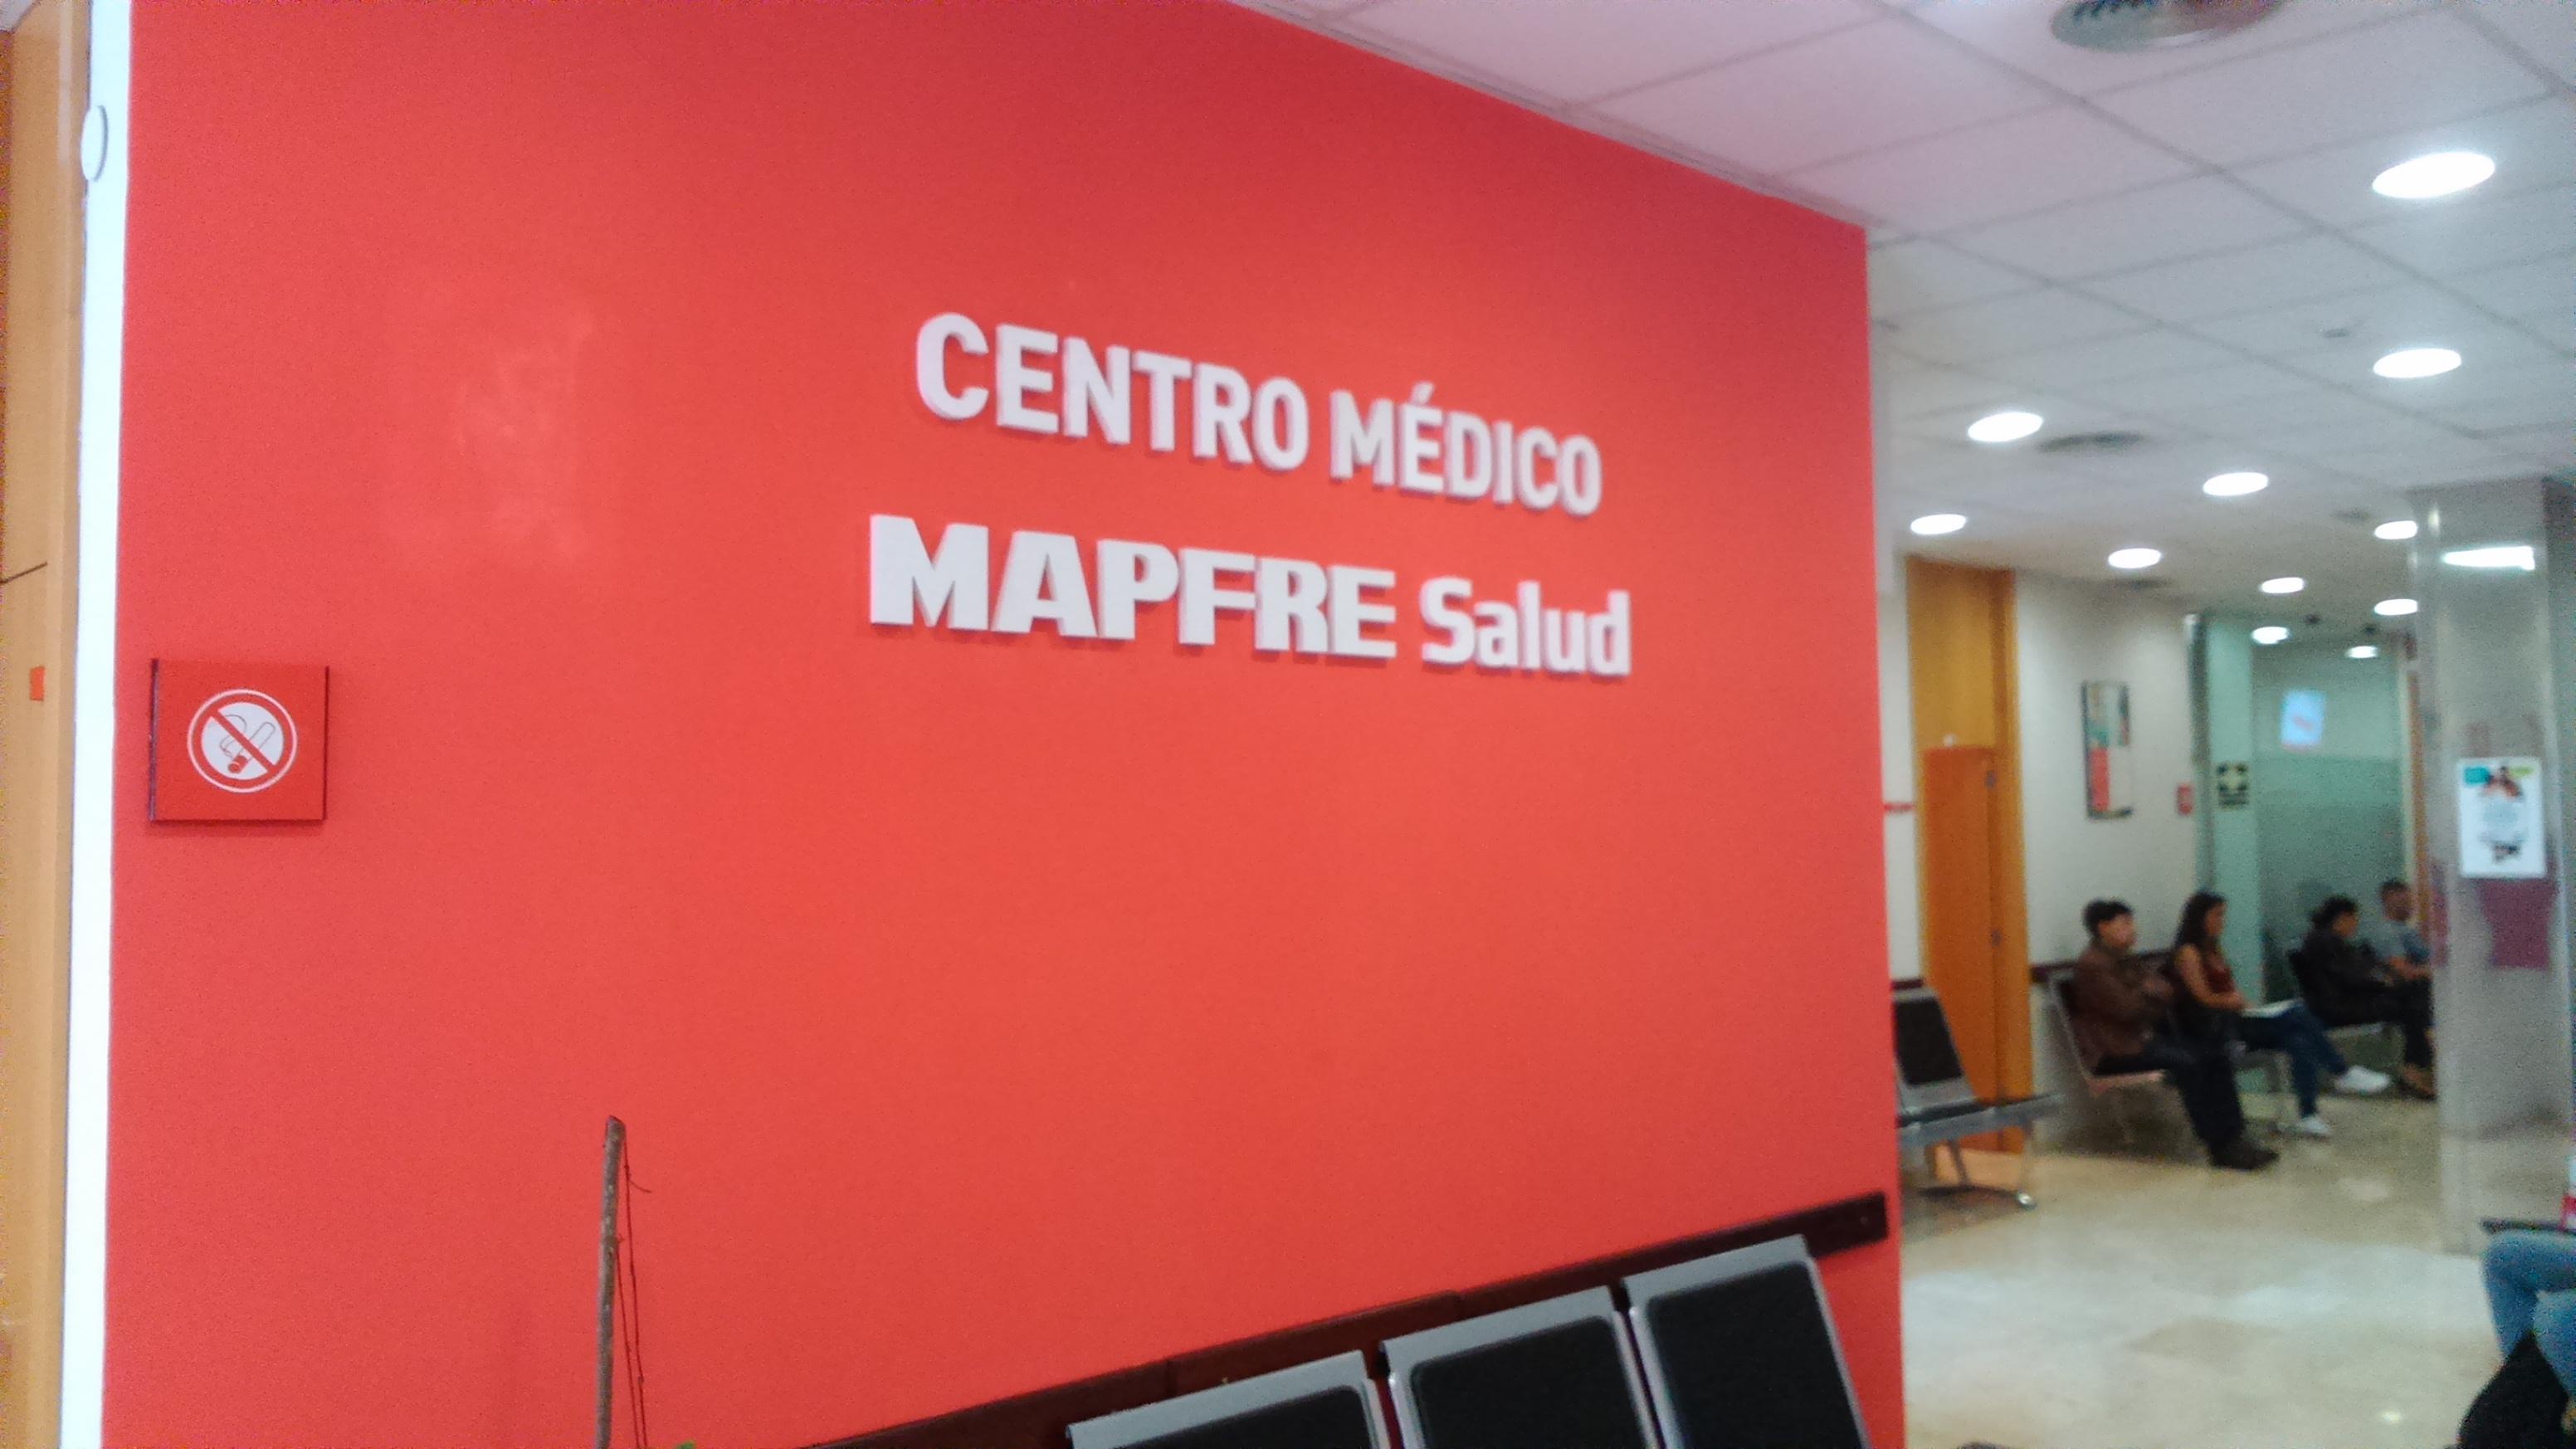 Corporeos Mapfre